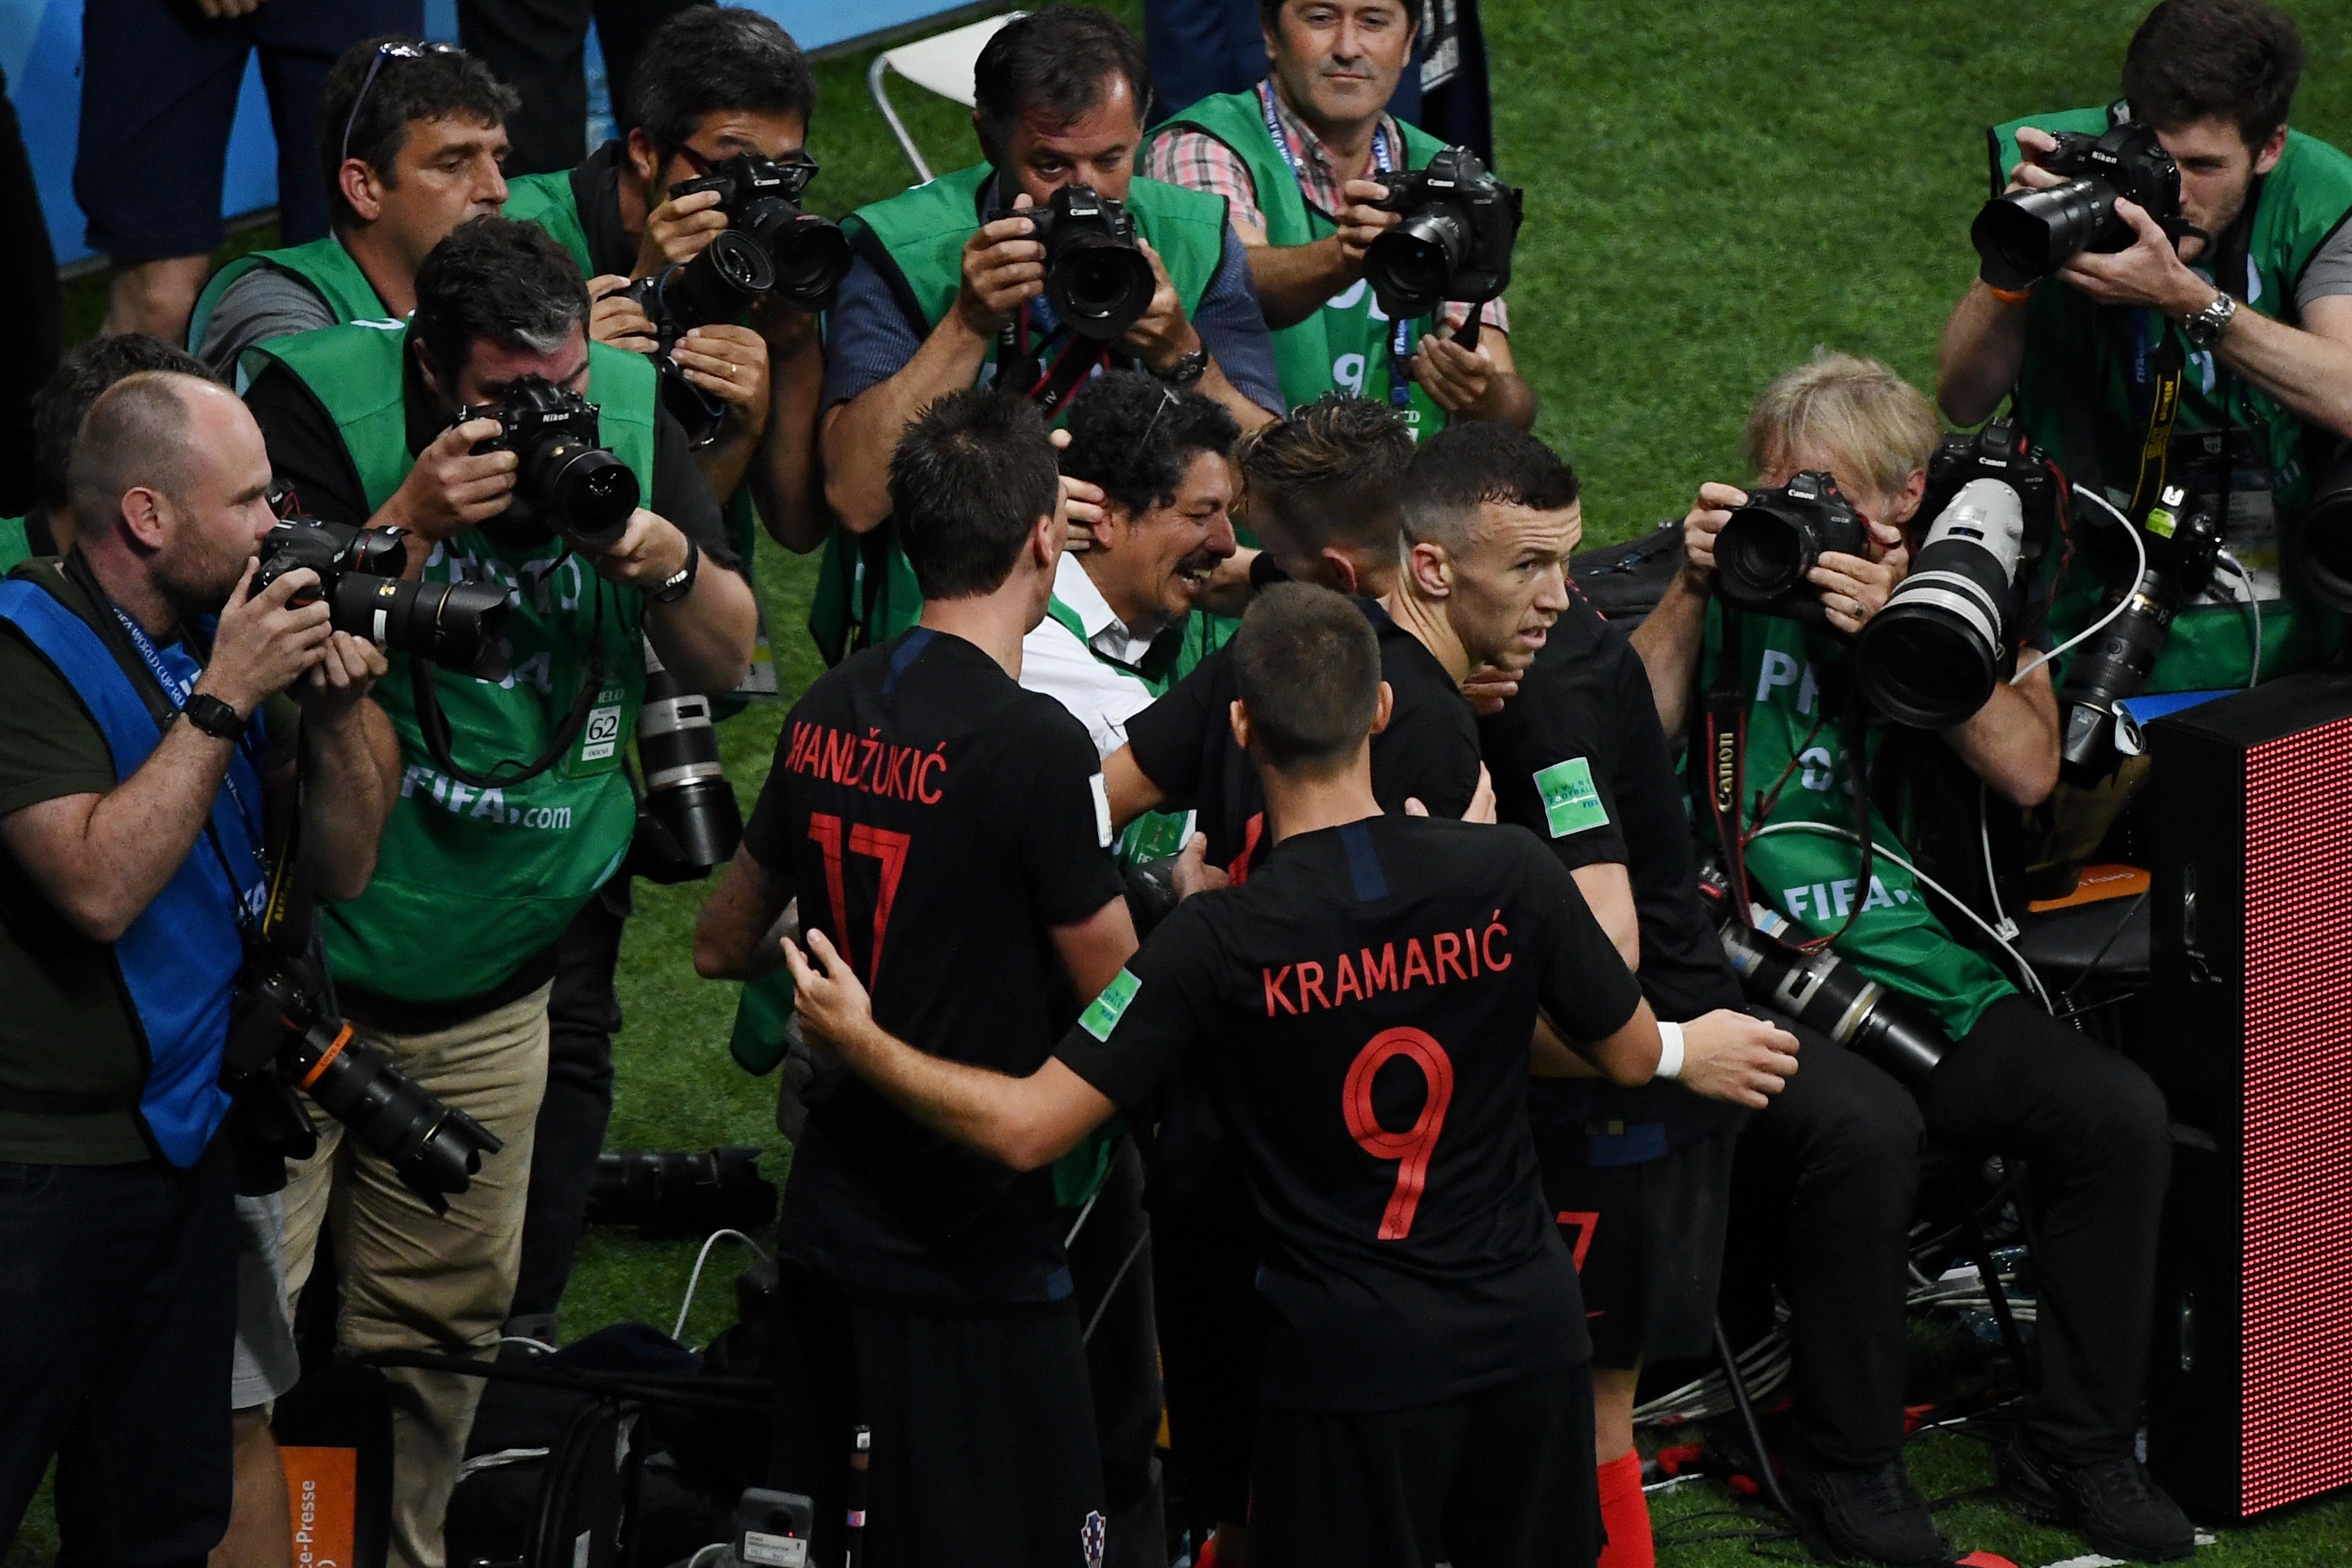 Elképesztő horvát győzelem, Anglia gyászban